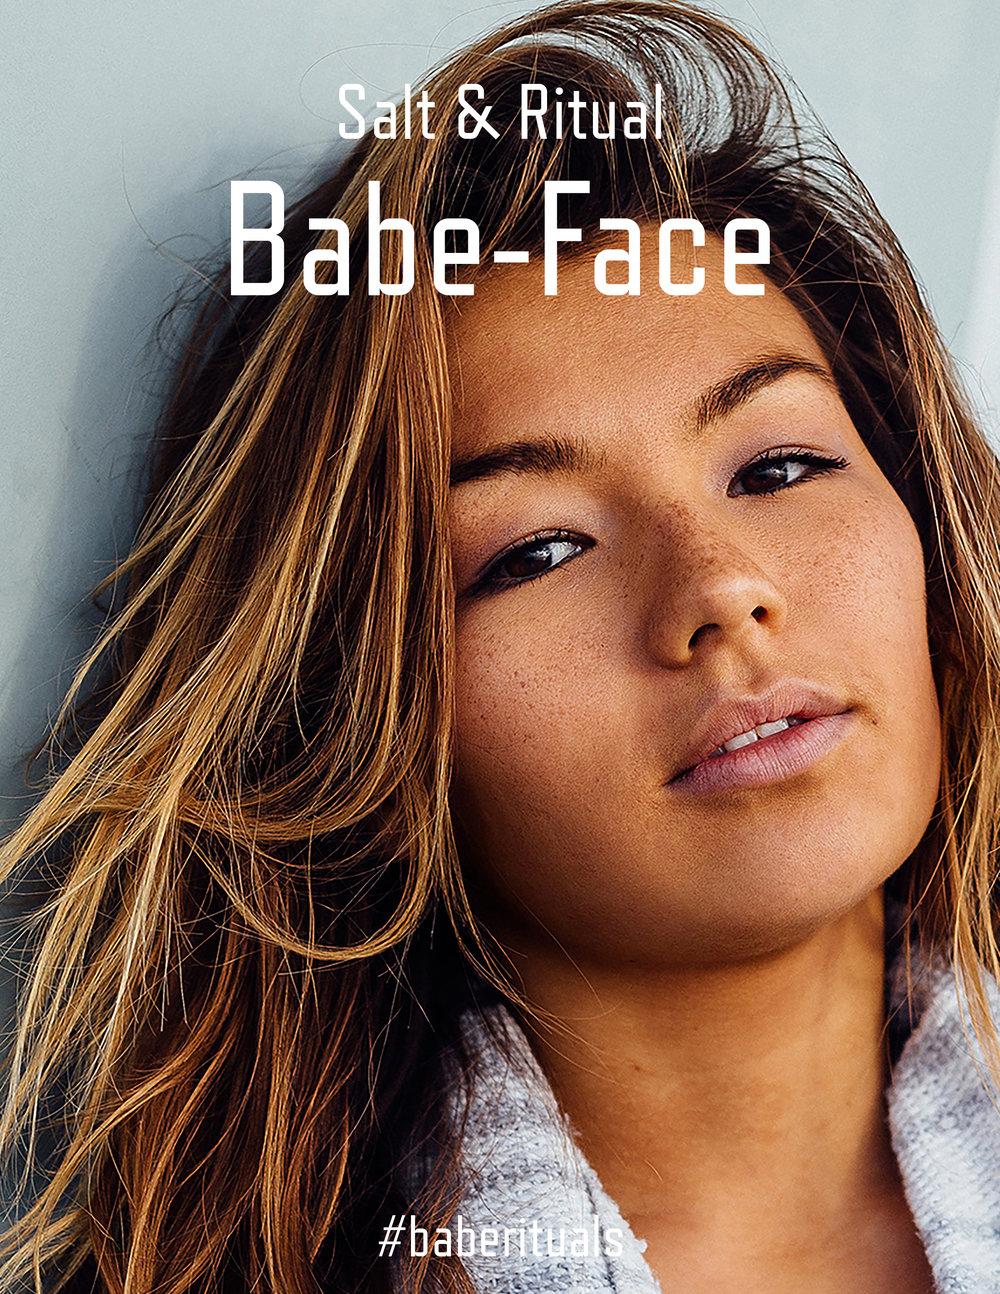 Babe-Face Skincare Starter Kit